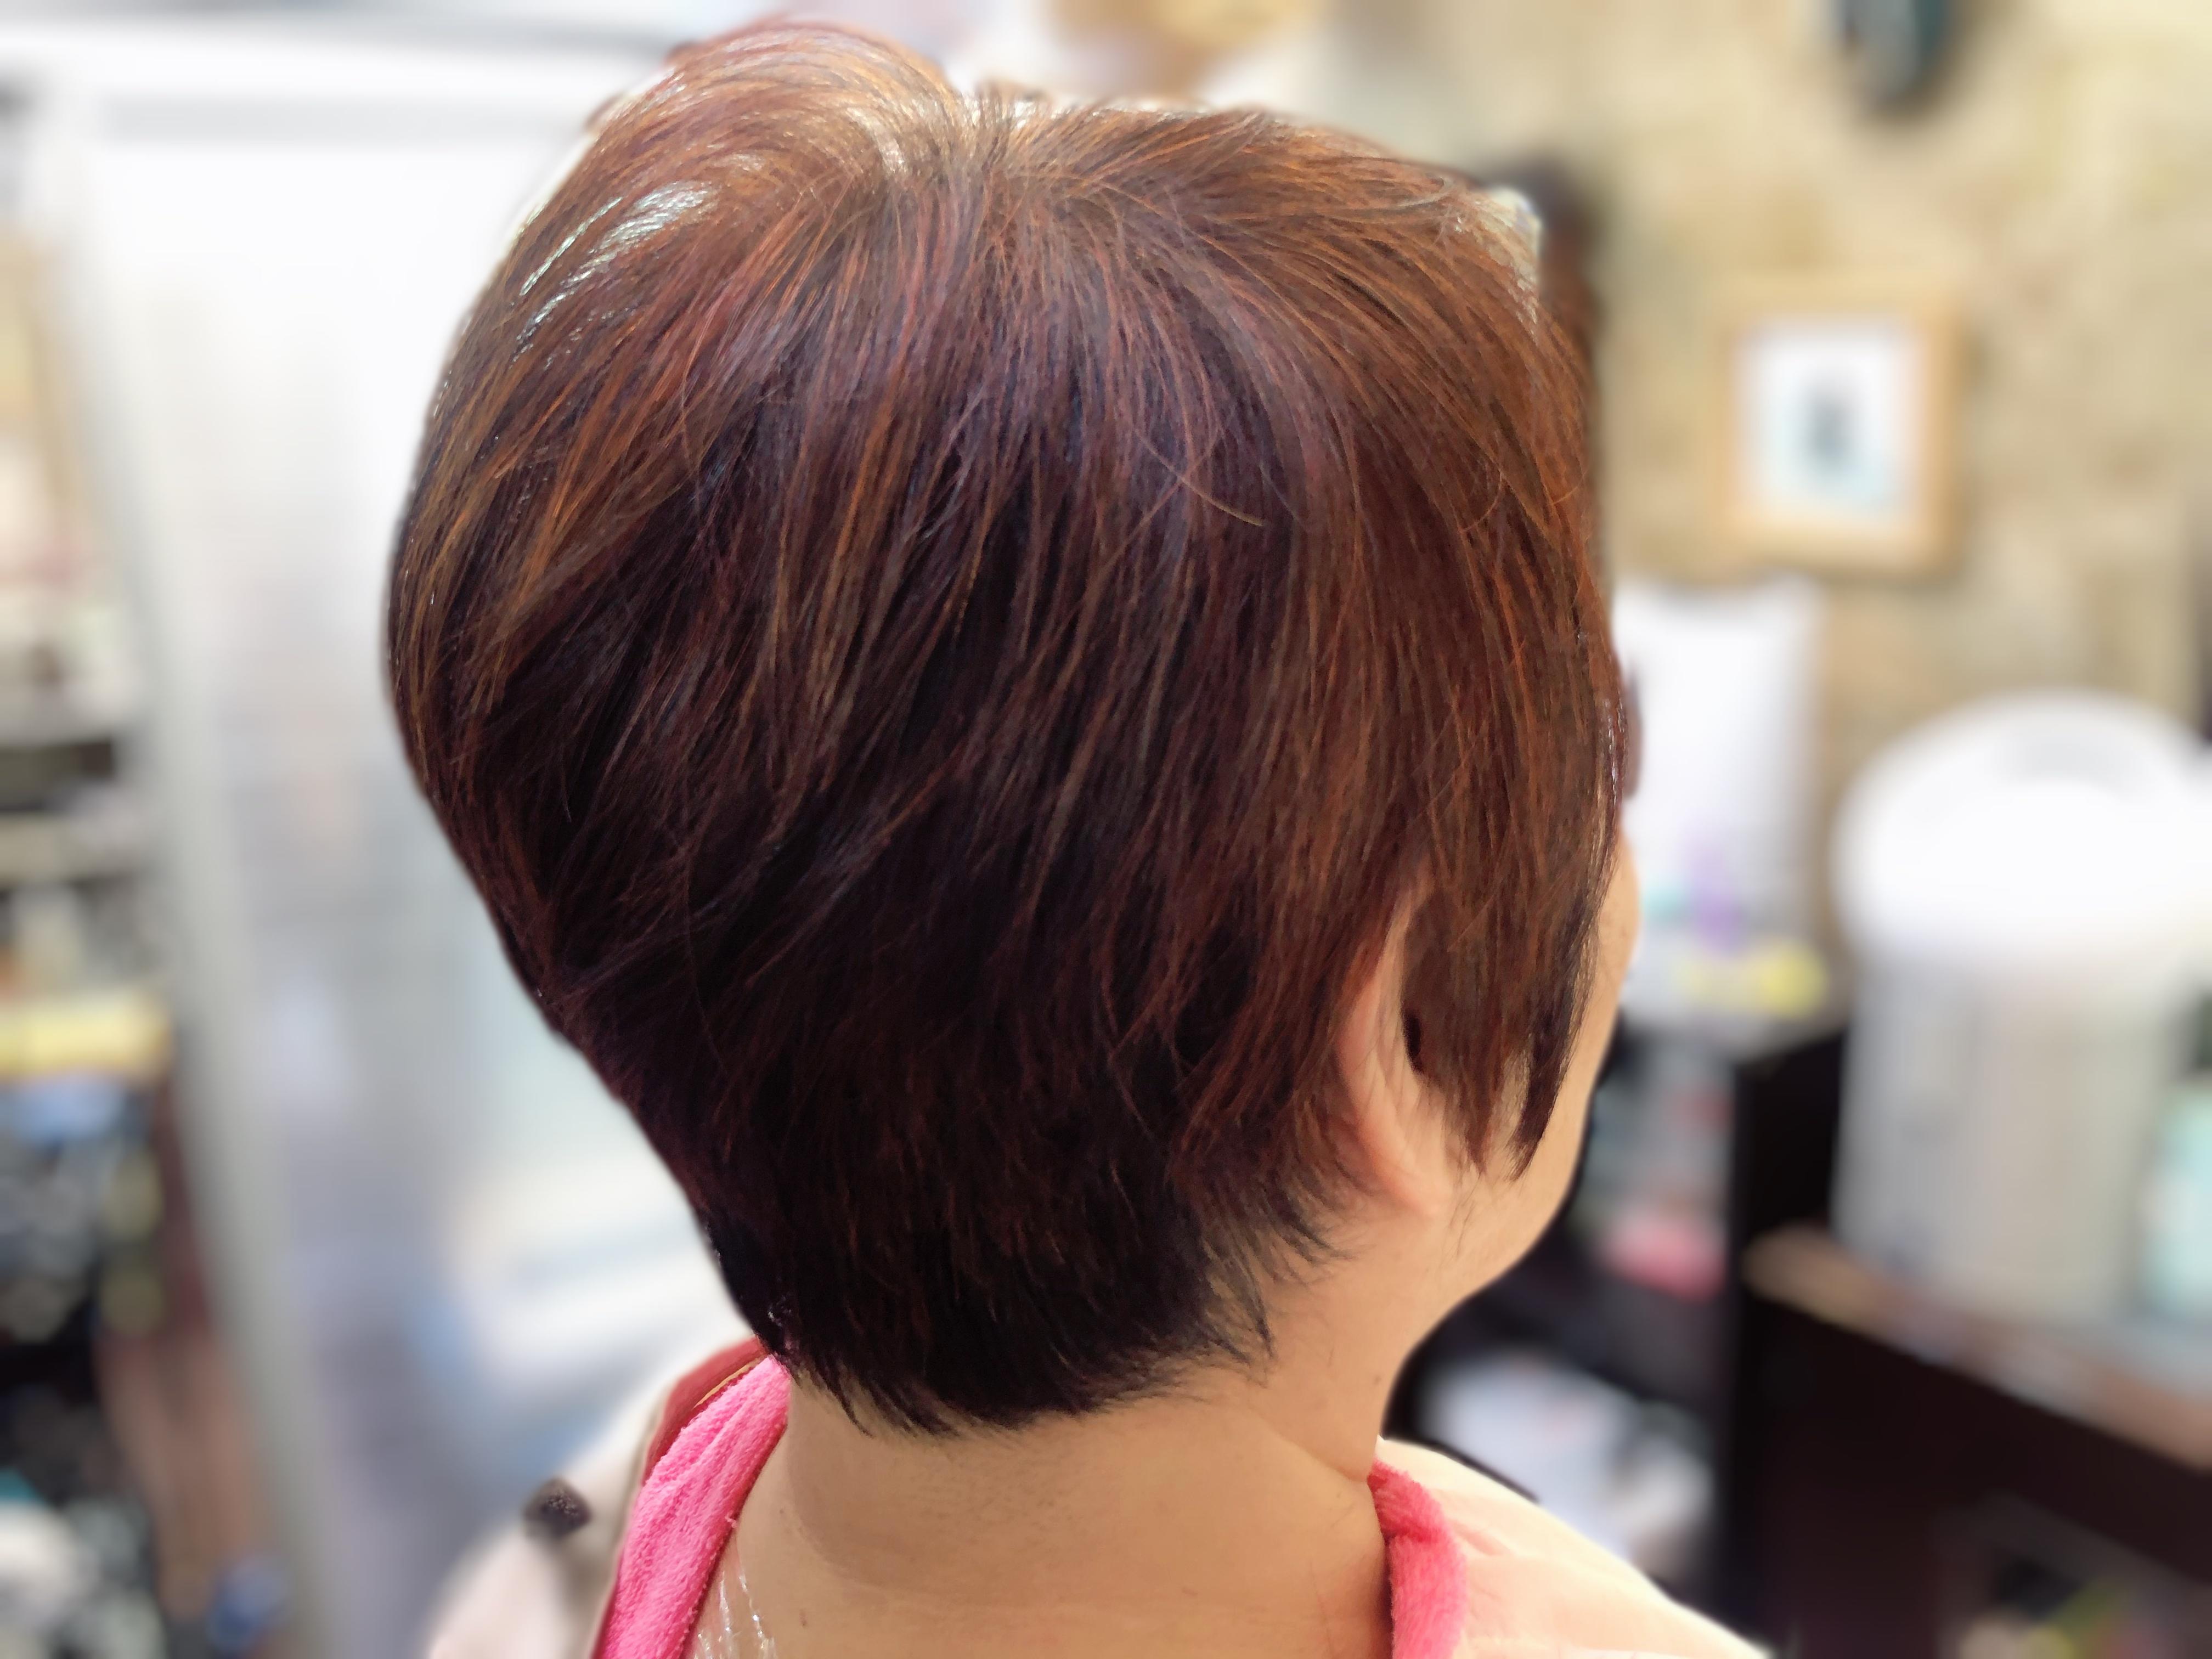 60代髪の悩み解消!手入れが楽な素敵な「ヘアスタイル」楽しんでね!